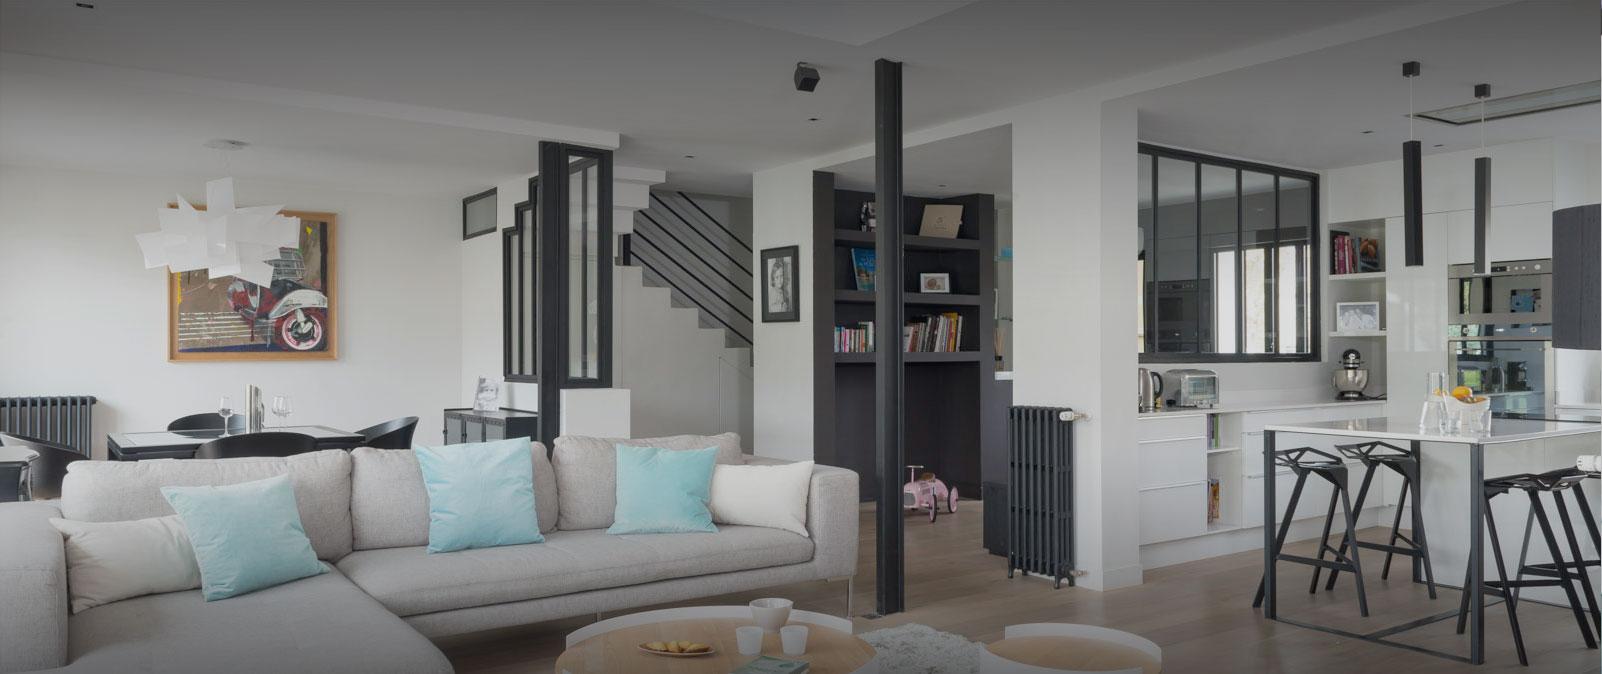 Grange Delmas, Annonces immobilières sur Bordeaux Rive Gauche et sa région : Achetez ou vendez votre bien immobilier à Bordeaux Rive gauche